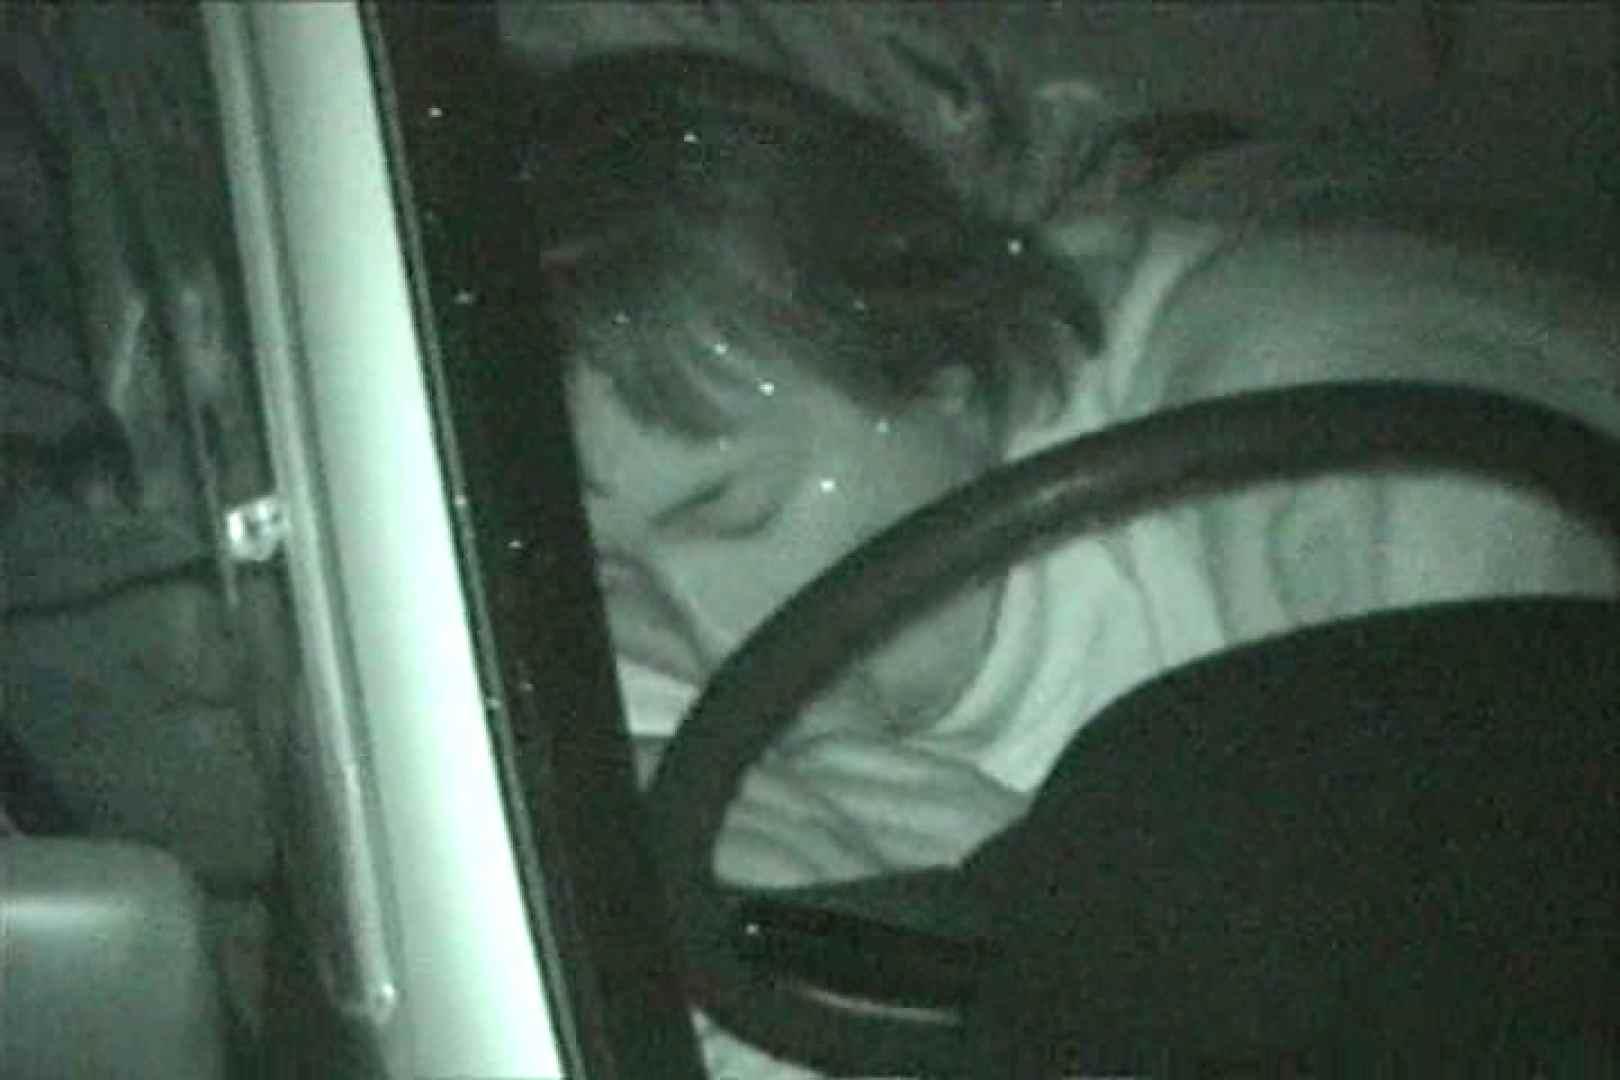 車の中はラブホテル 無修正版  Vol.27 セックス オメコ動画キャプチャ 105PIX 84